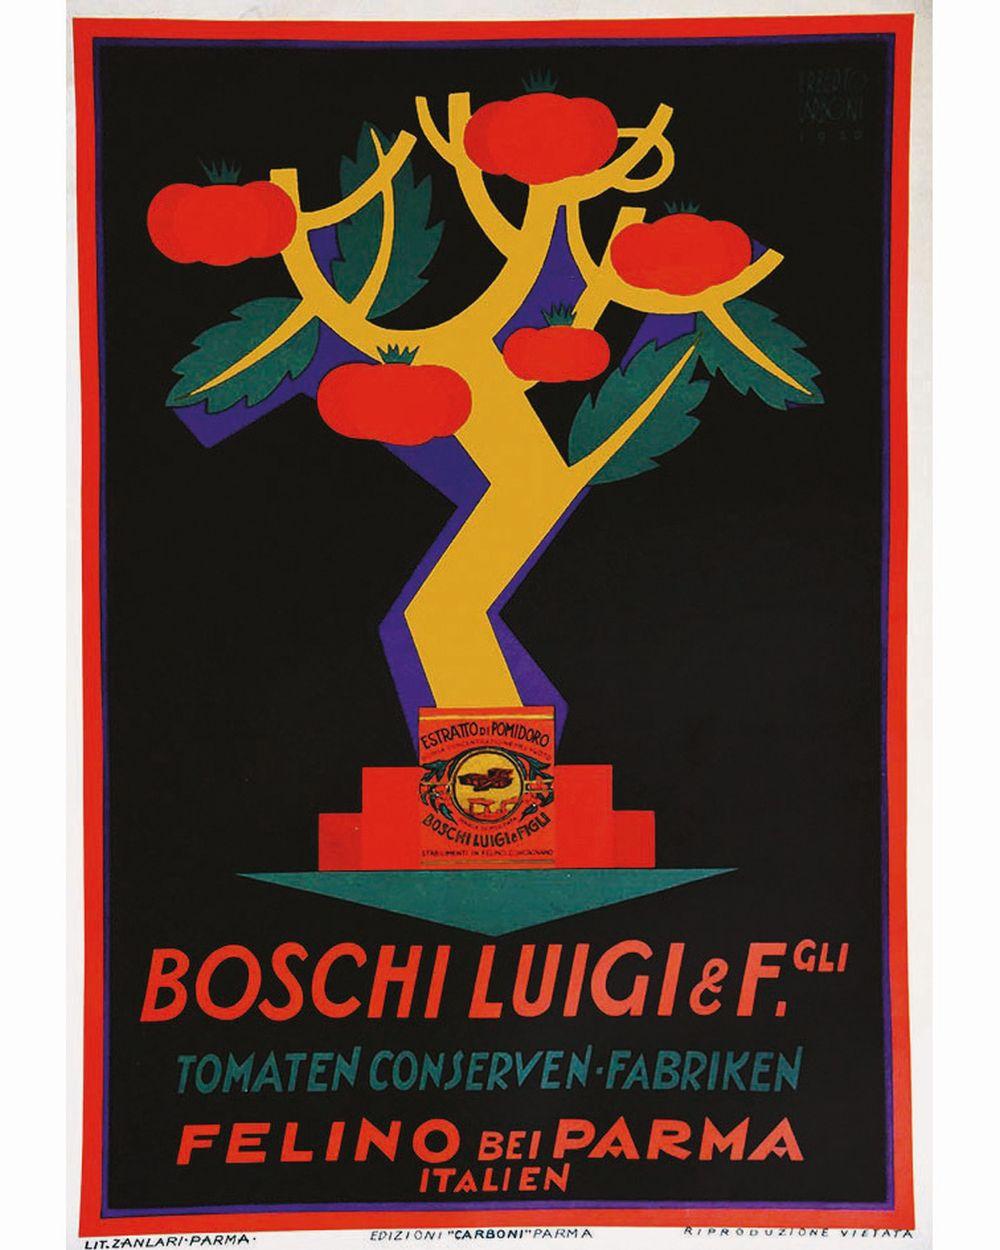 CARBONI ERBERTO - Boschi Luigi & Fgli Tomaten Conserven Fabriken     1926  Felino Bei Parma ( Italie )